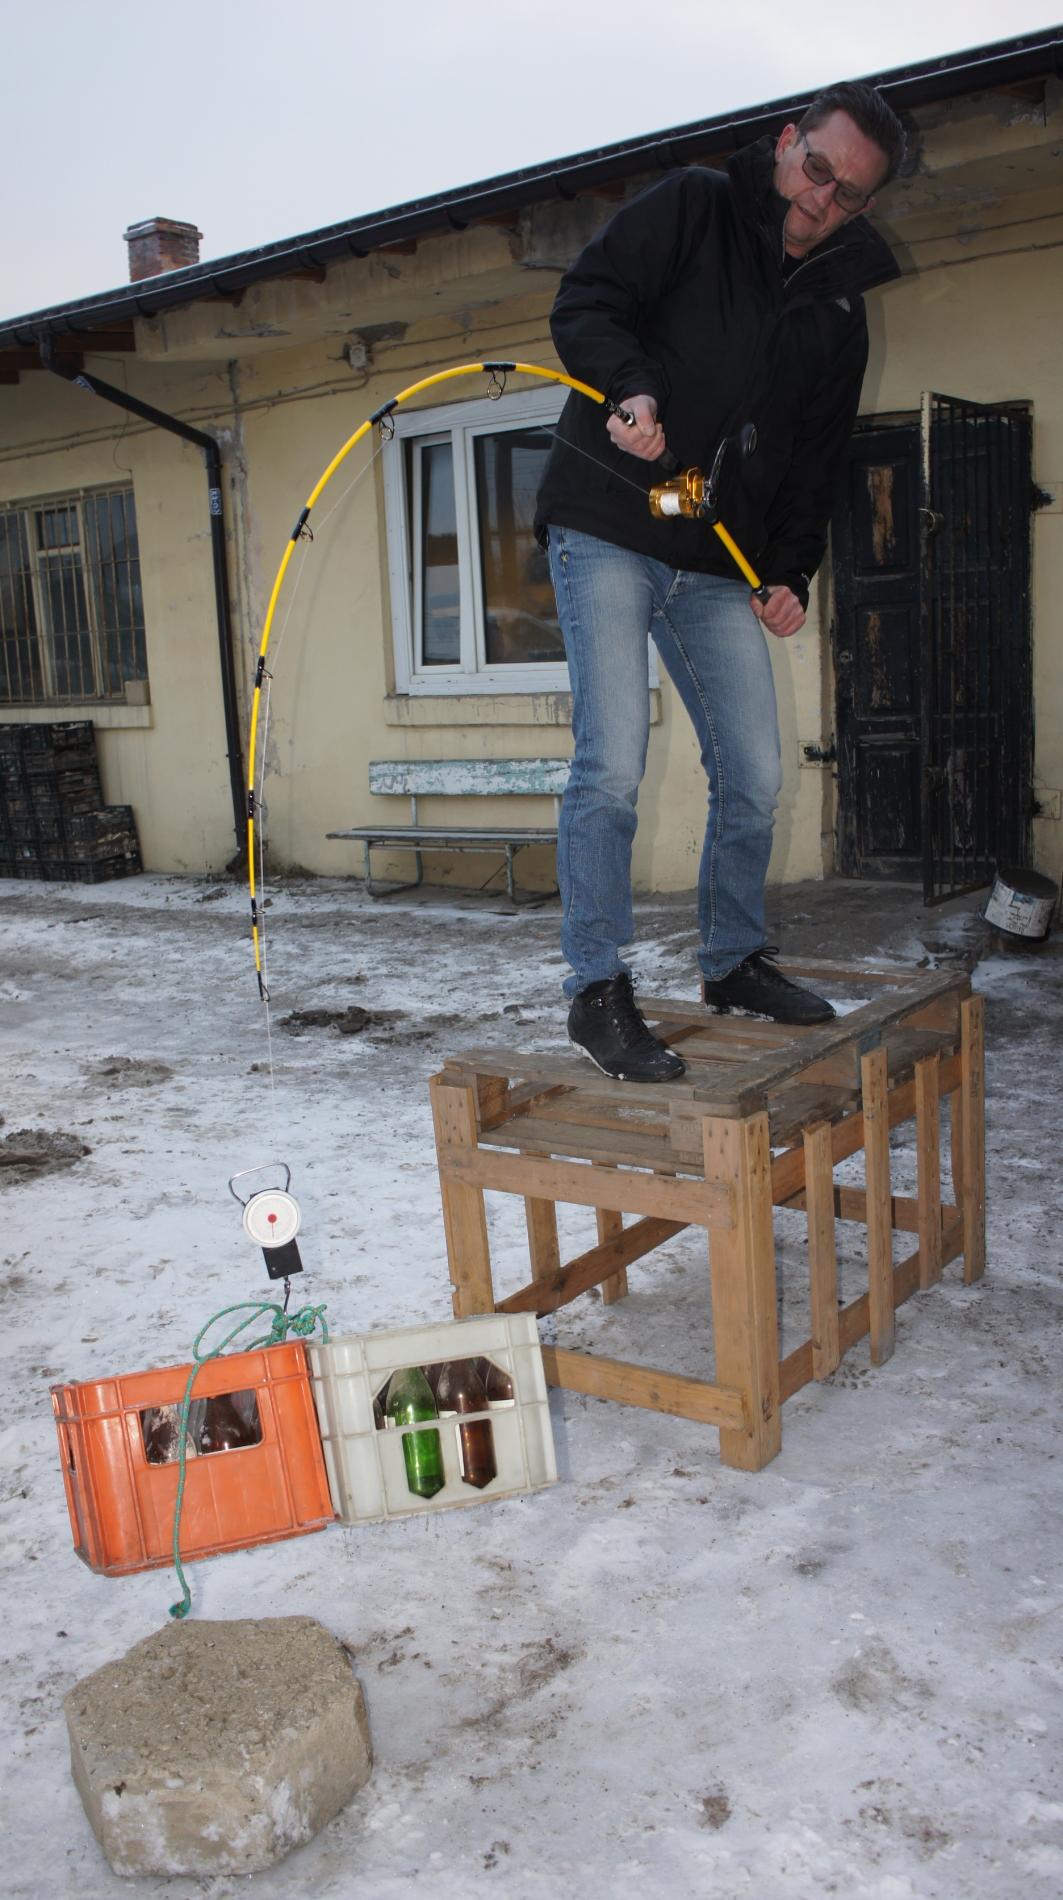 sumowapasja.pl/images/imagehost/7ff4df85c62e3cf67ff716dc01bed19e.jpg